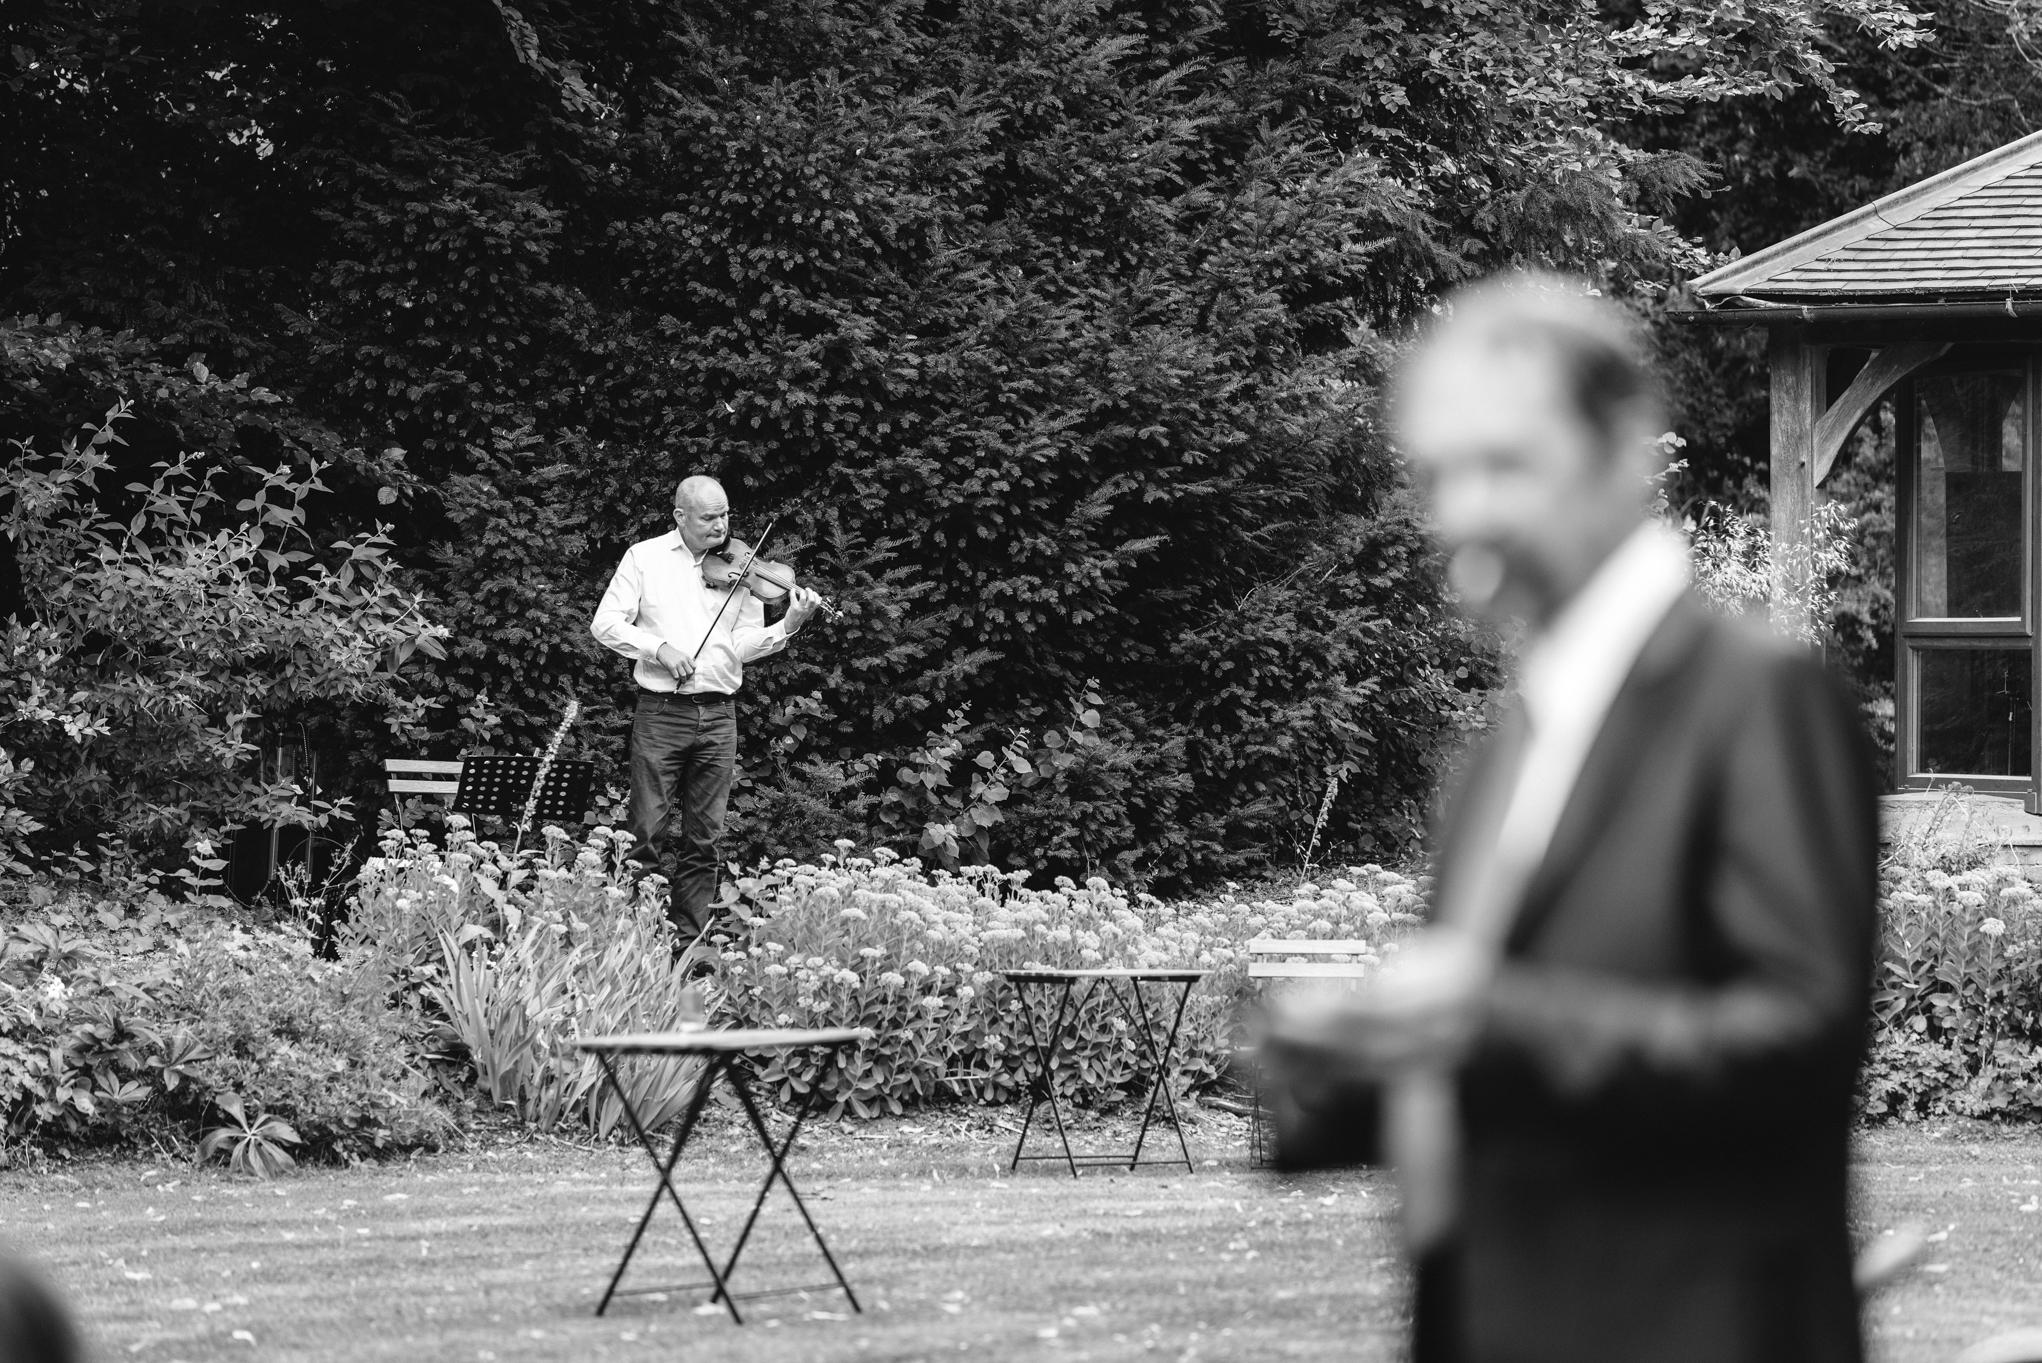 Copy of Violin player at Wedding Reception